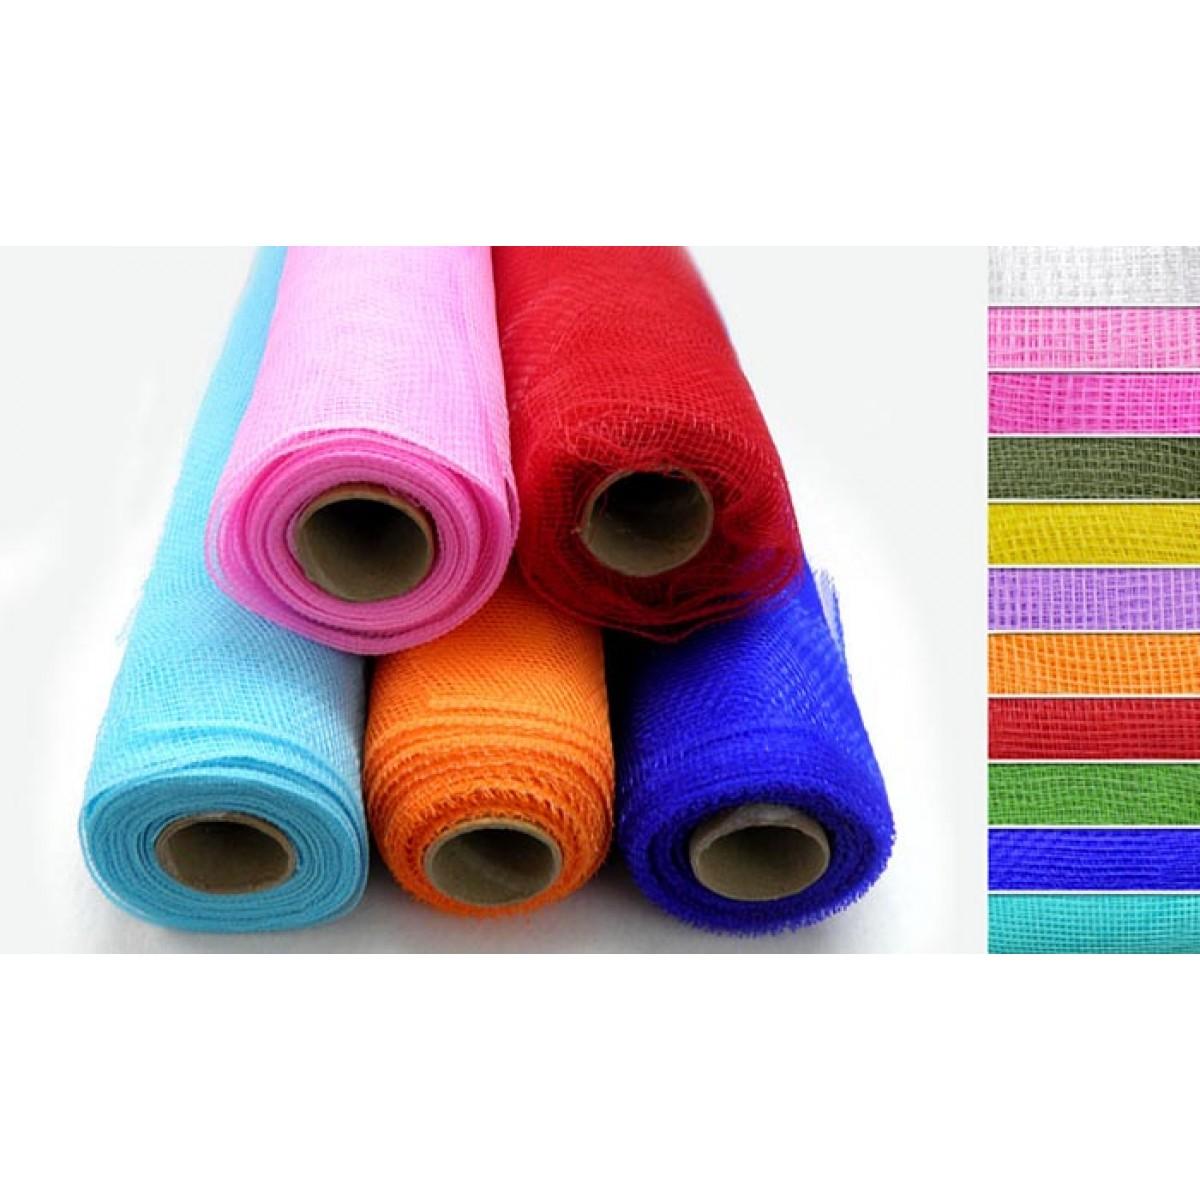 Δίχτυ Πλαστικό Ρολό Υλικά Χειροτεχνίας